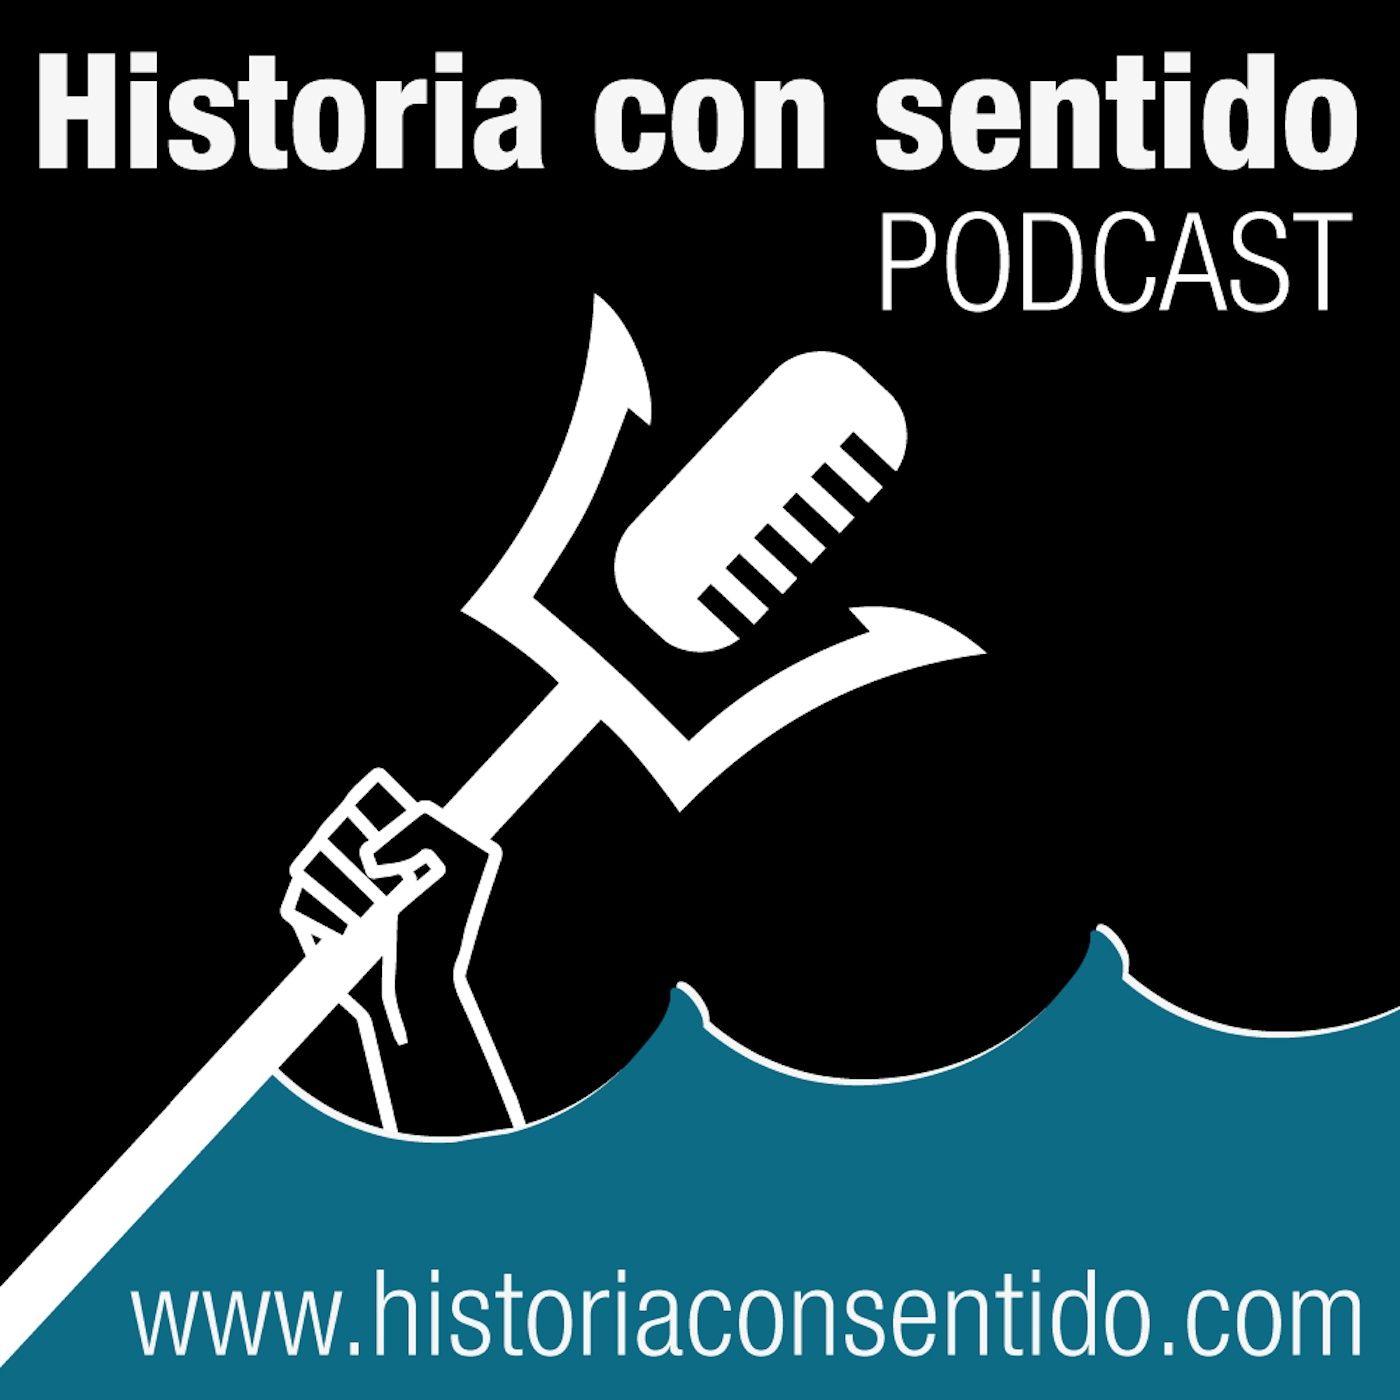 Logo de Historia con sentido